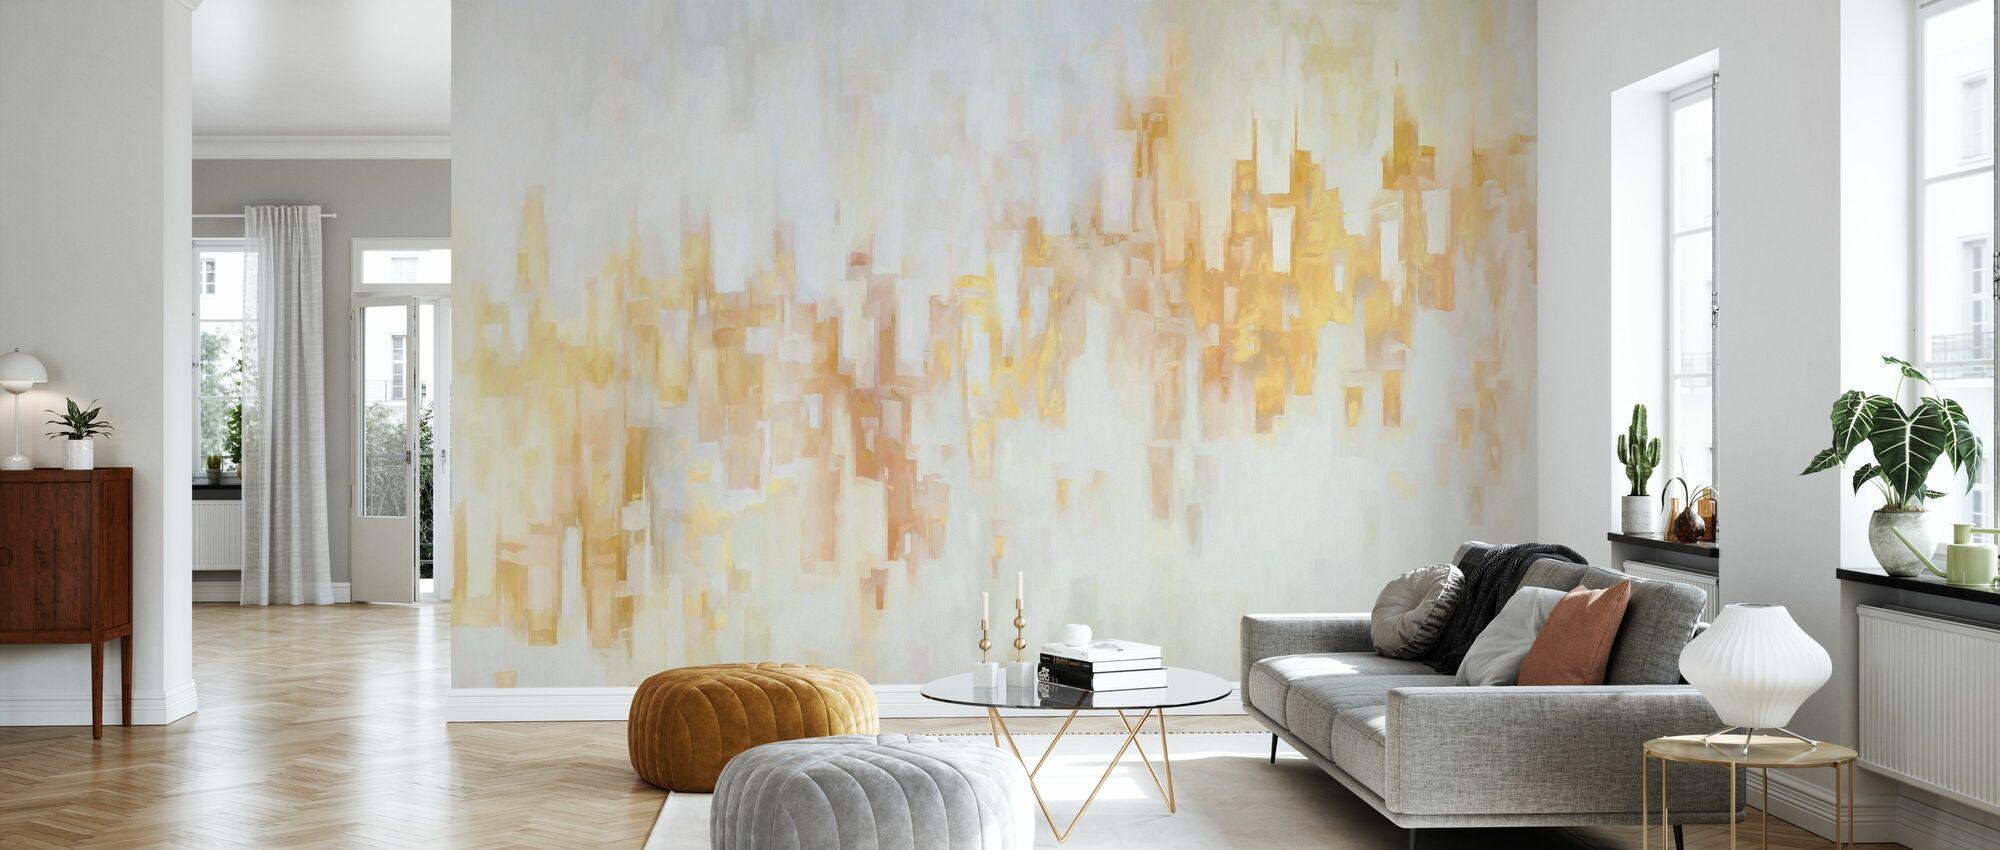 Evening Light II - Wallpaper - Living Room